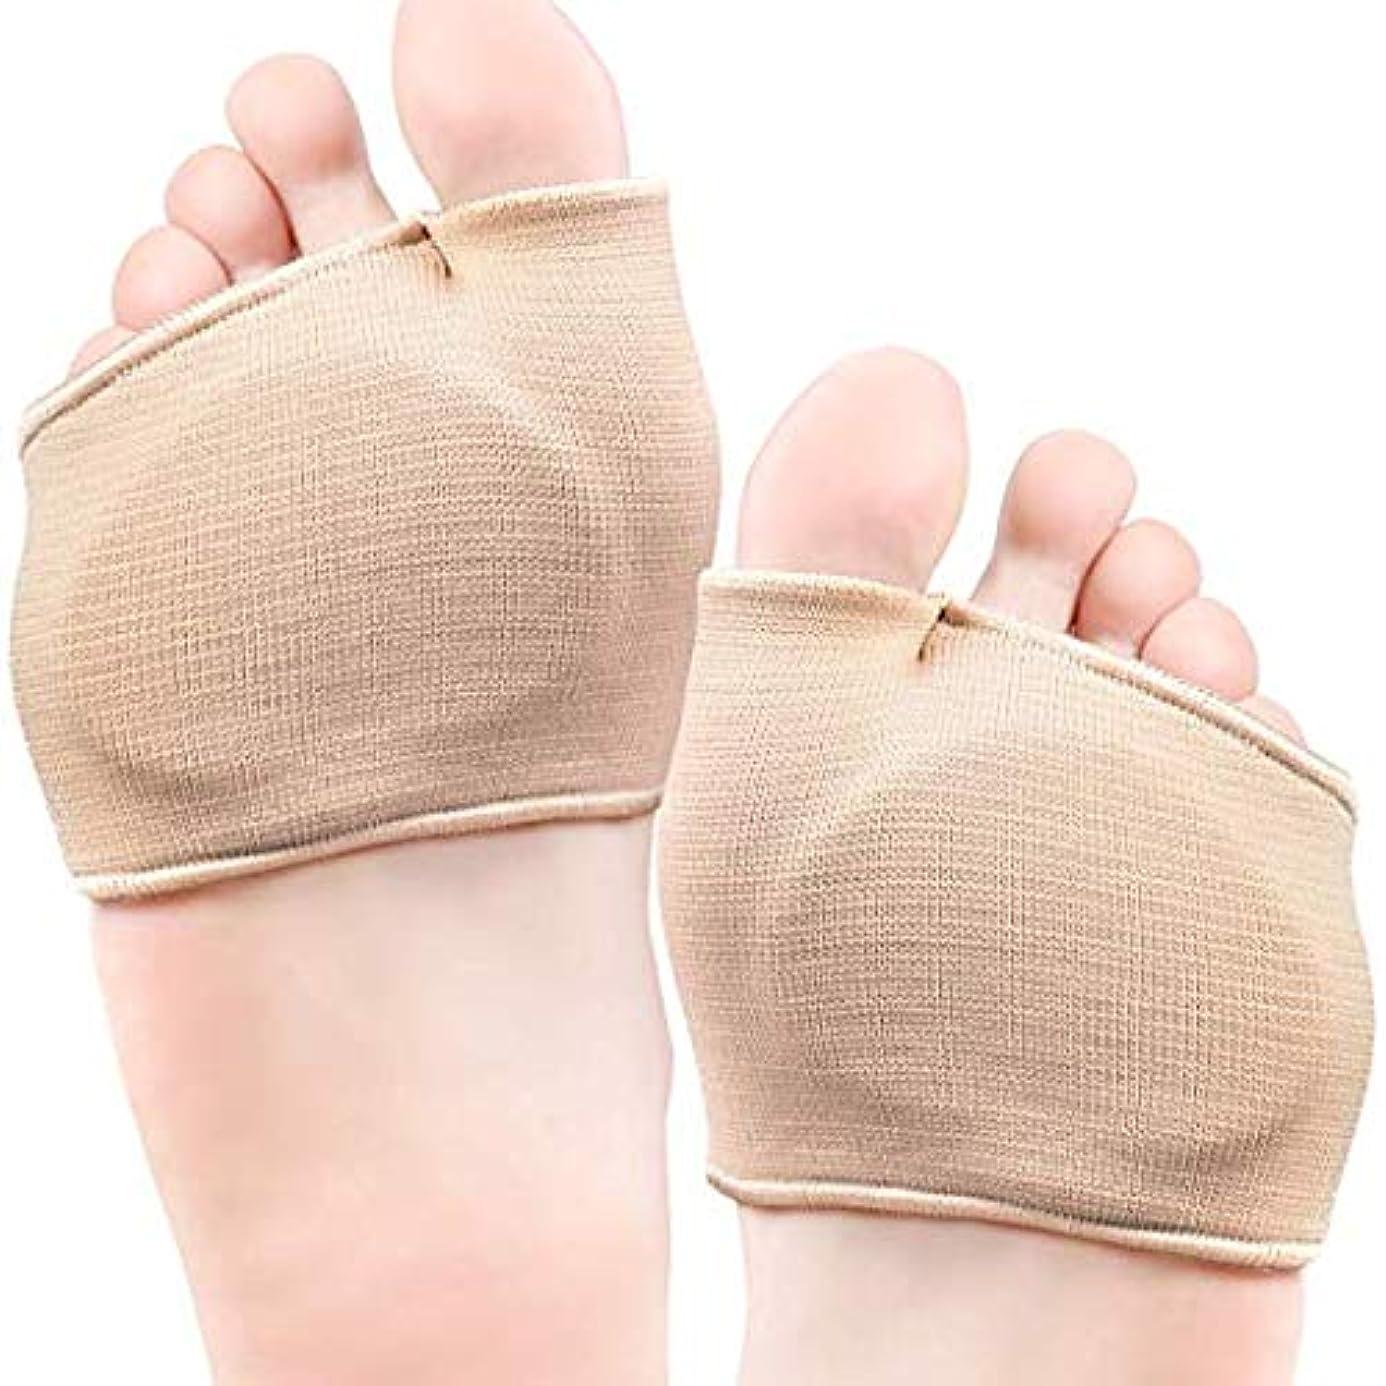 見えるアロング帝国主義前足部クッションパッド付き中足部ジェルスリーブ(2ペア)-足の健康のボールをサポート(サイズ:L/XL-中足部スリーブ-靴/ブーツ)